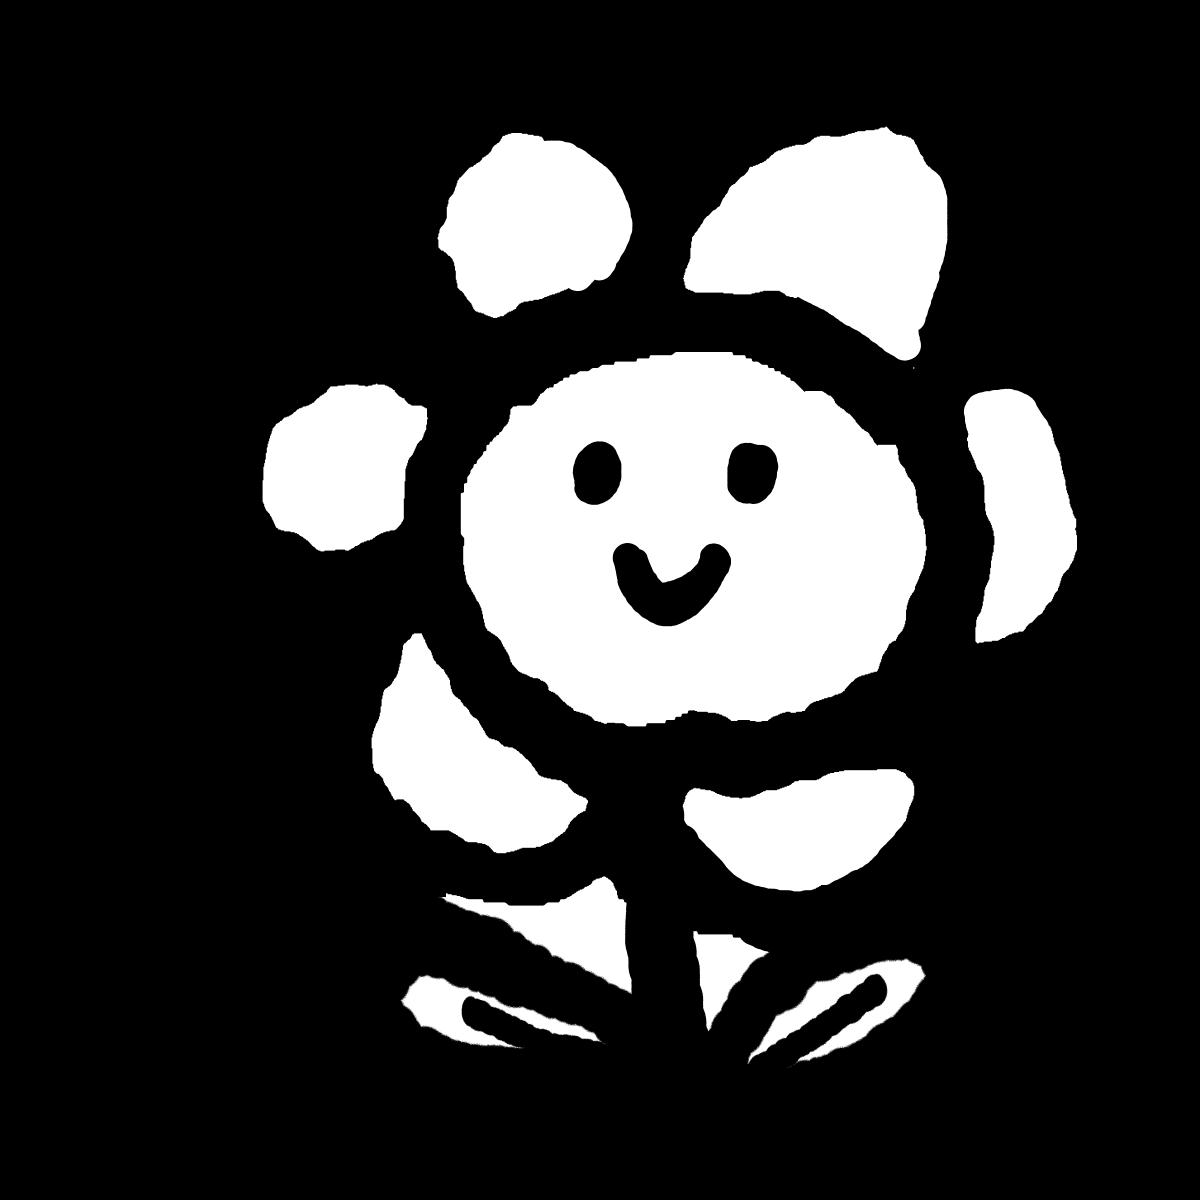 花(顔つき)のイラスト Hana (countenance)  Illustration